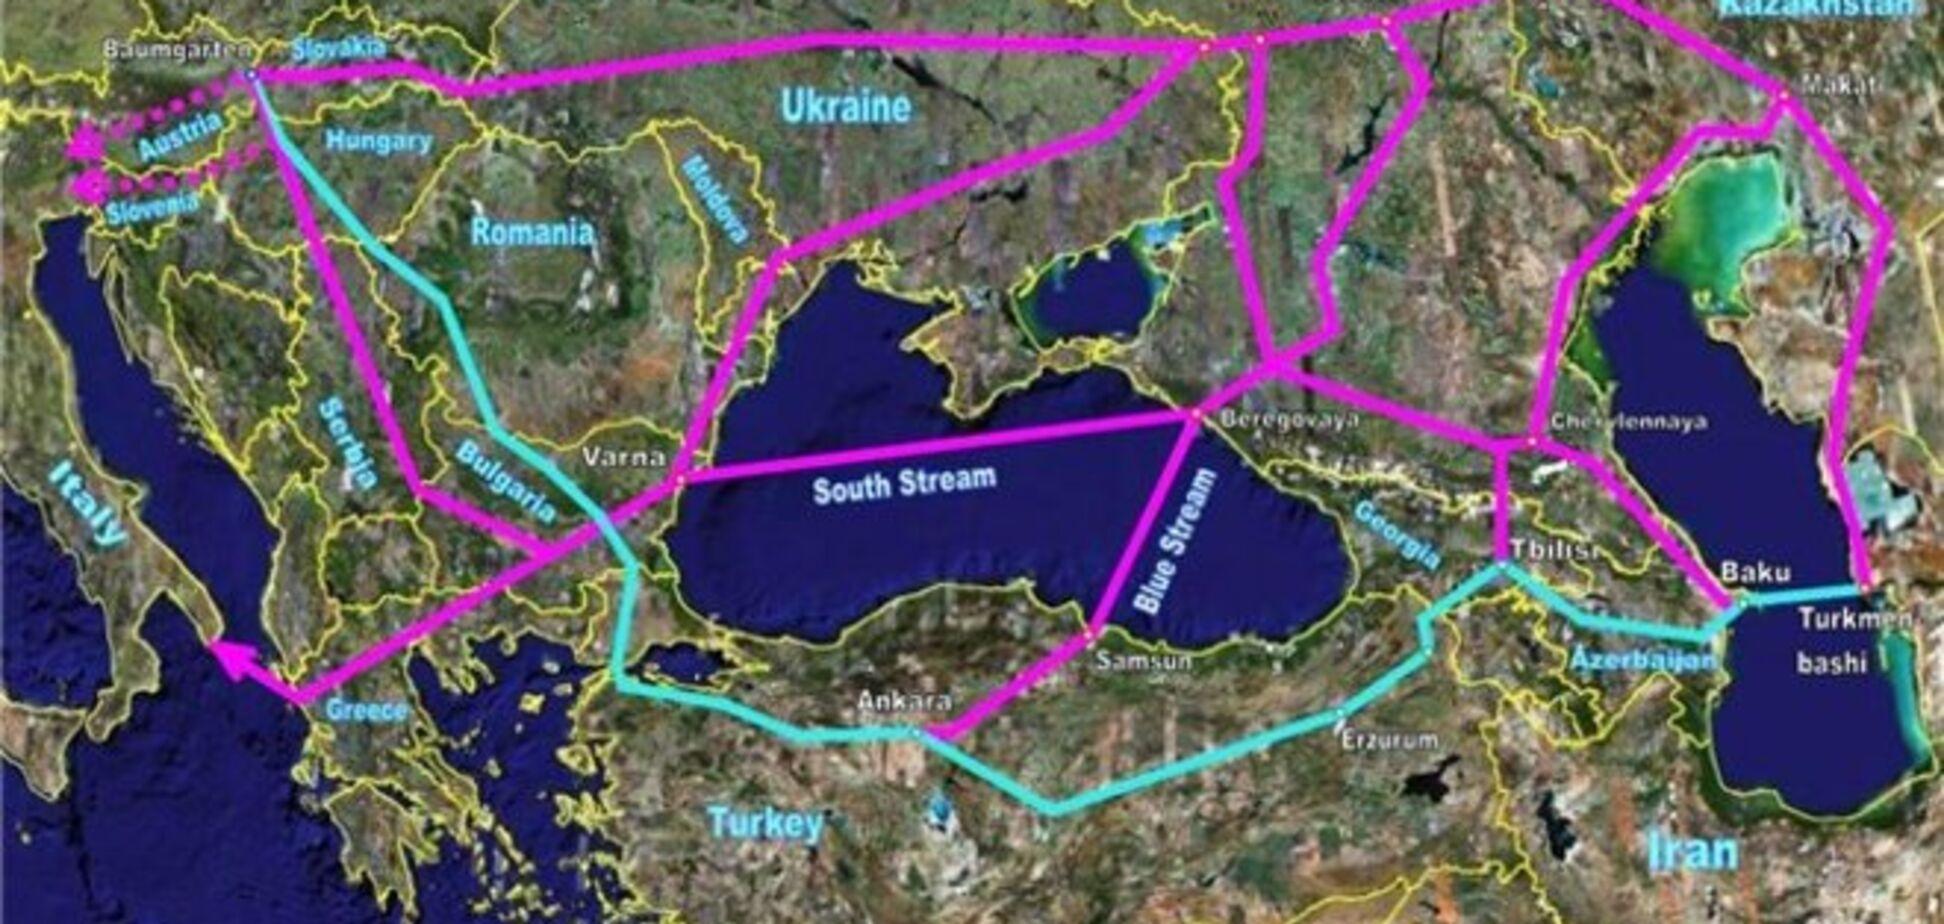 Эксперты объяснили, почему Путин отказался от 'Южного потока'